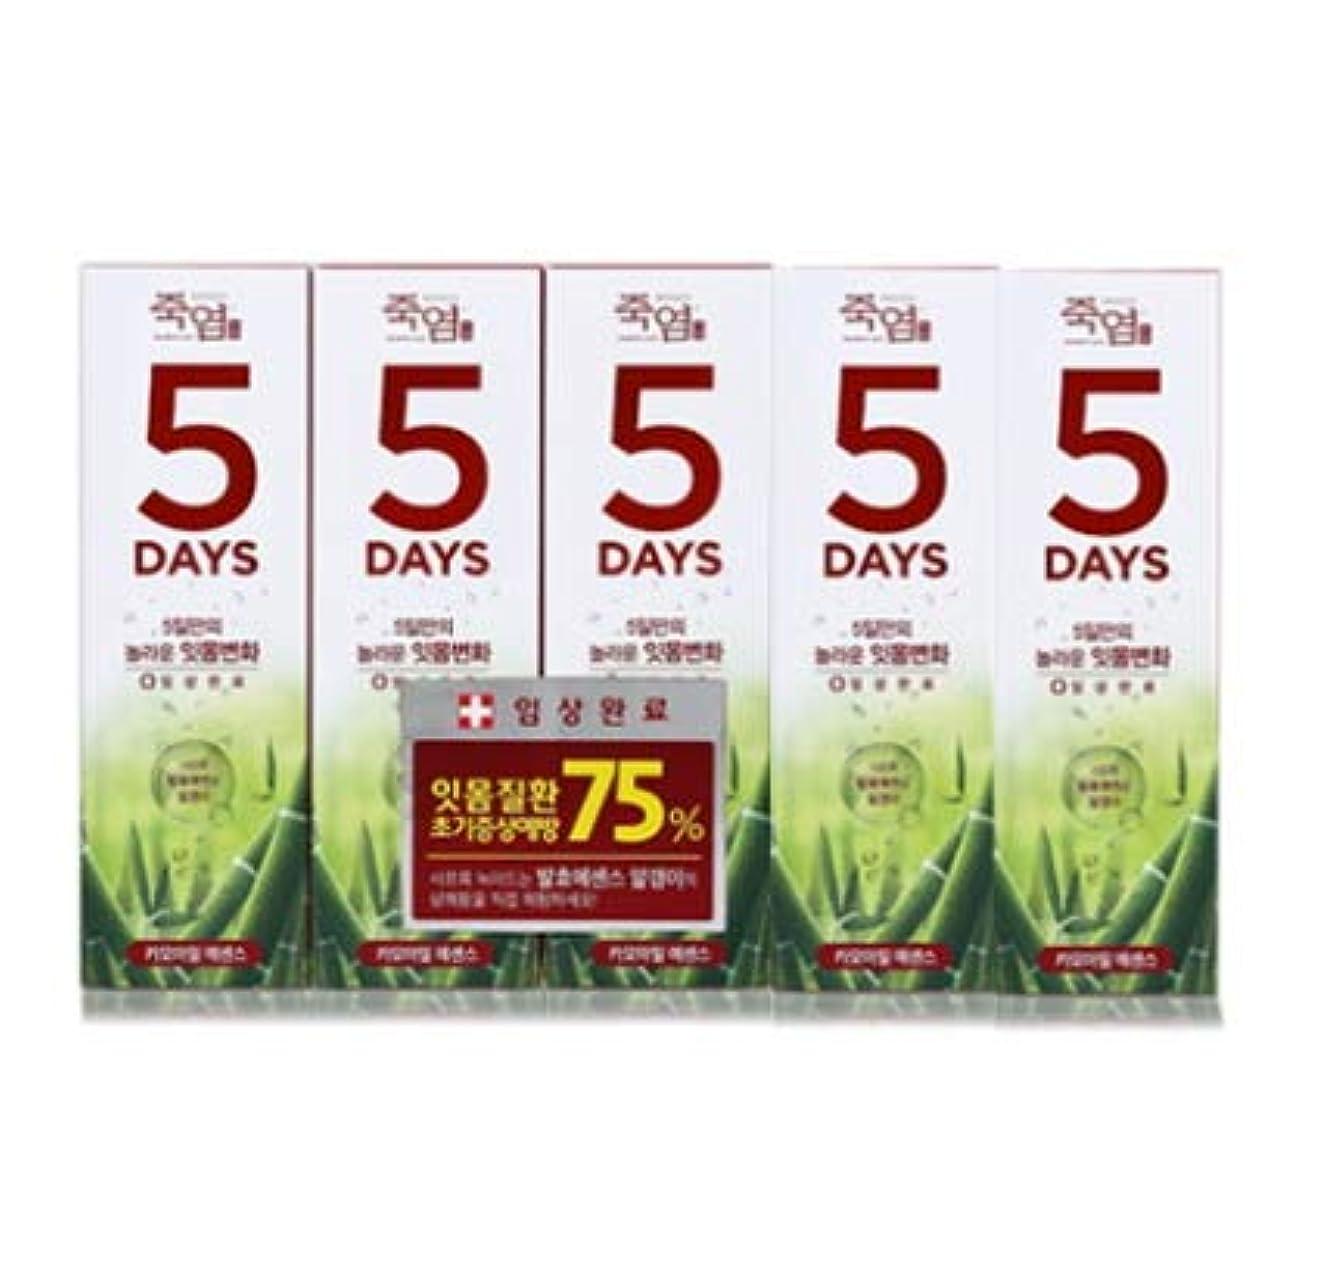 ポータル法律遅い[LG Care/LG生活健康]竹塩歯磨き粉5daysカモミールエッセンス100g x5ea/歯磨きセットスペシャル?リミテッドToothpaste Set Special Limited Korea(海外直送品)